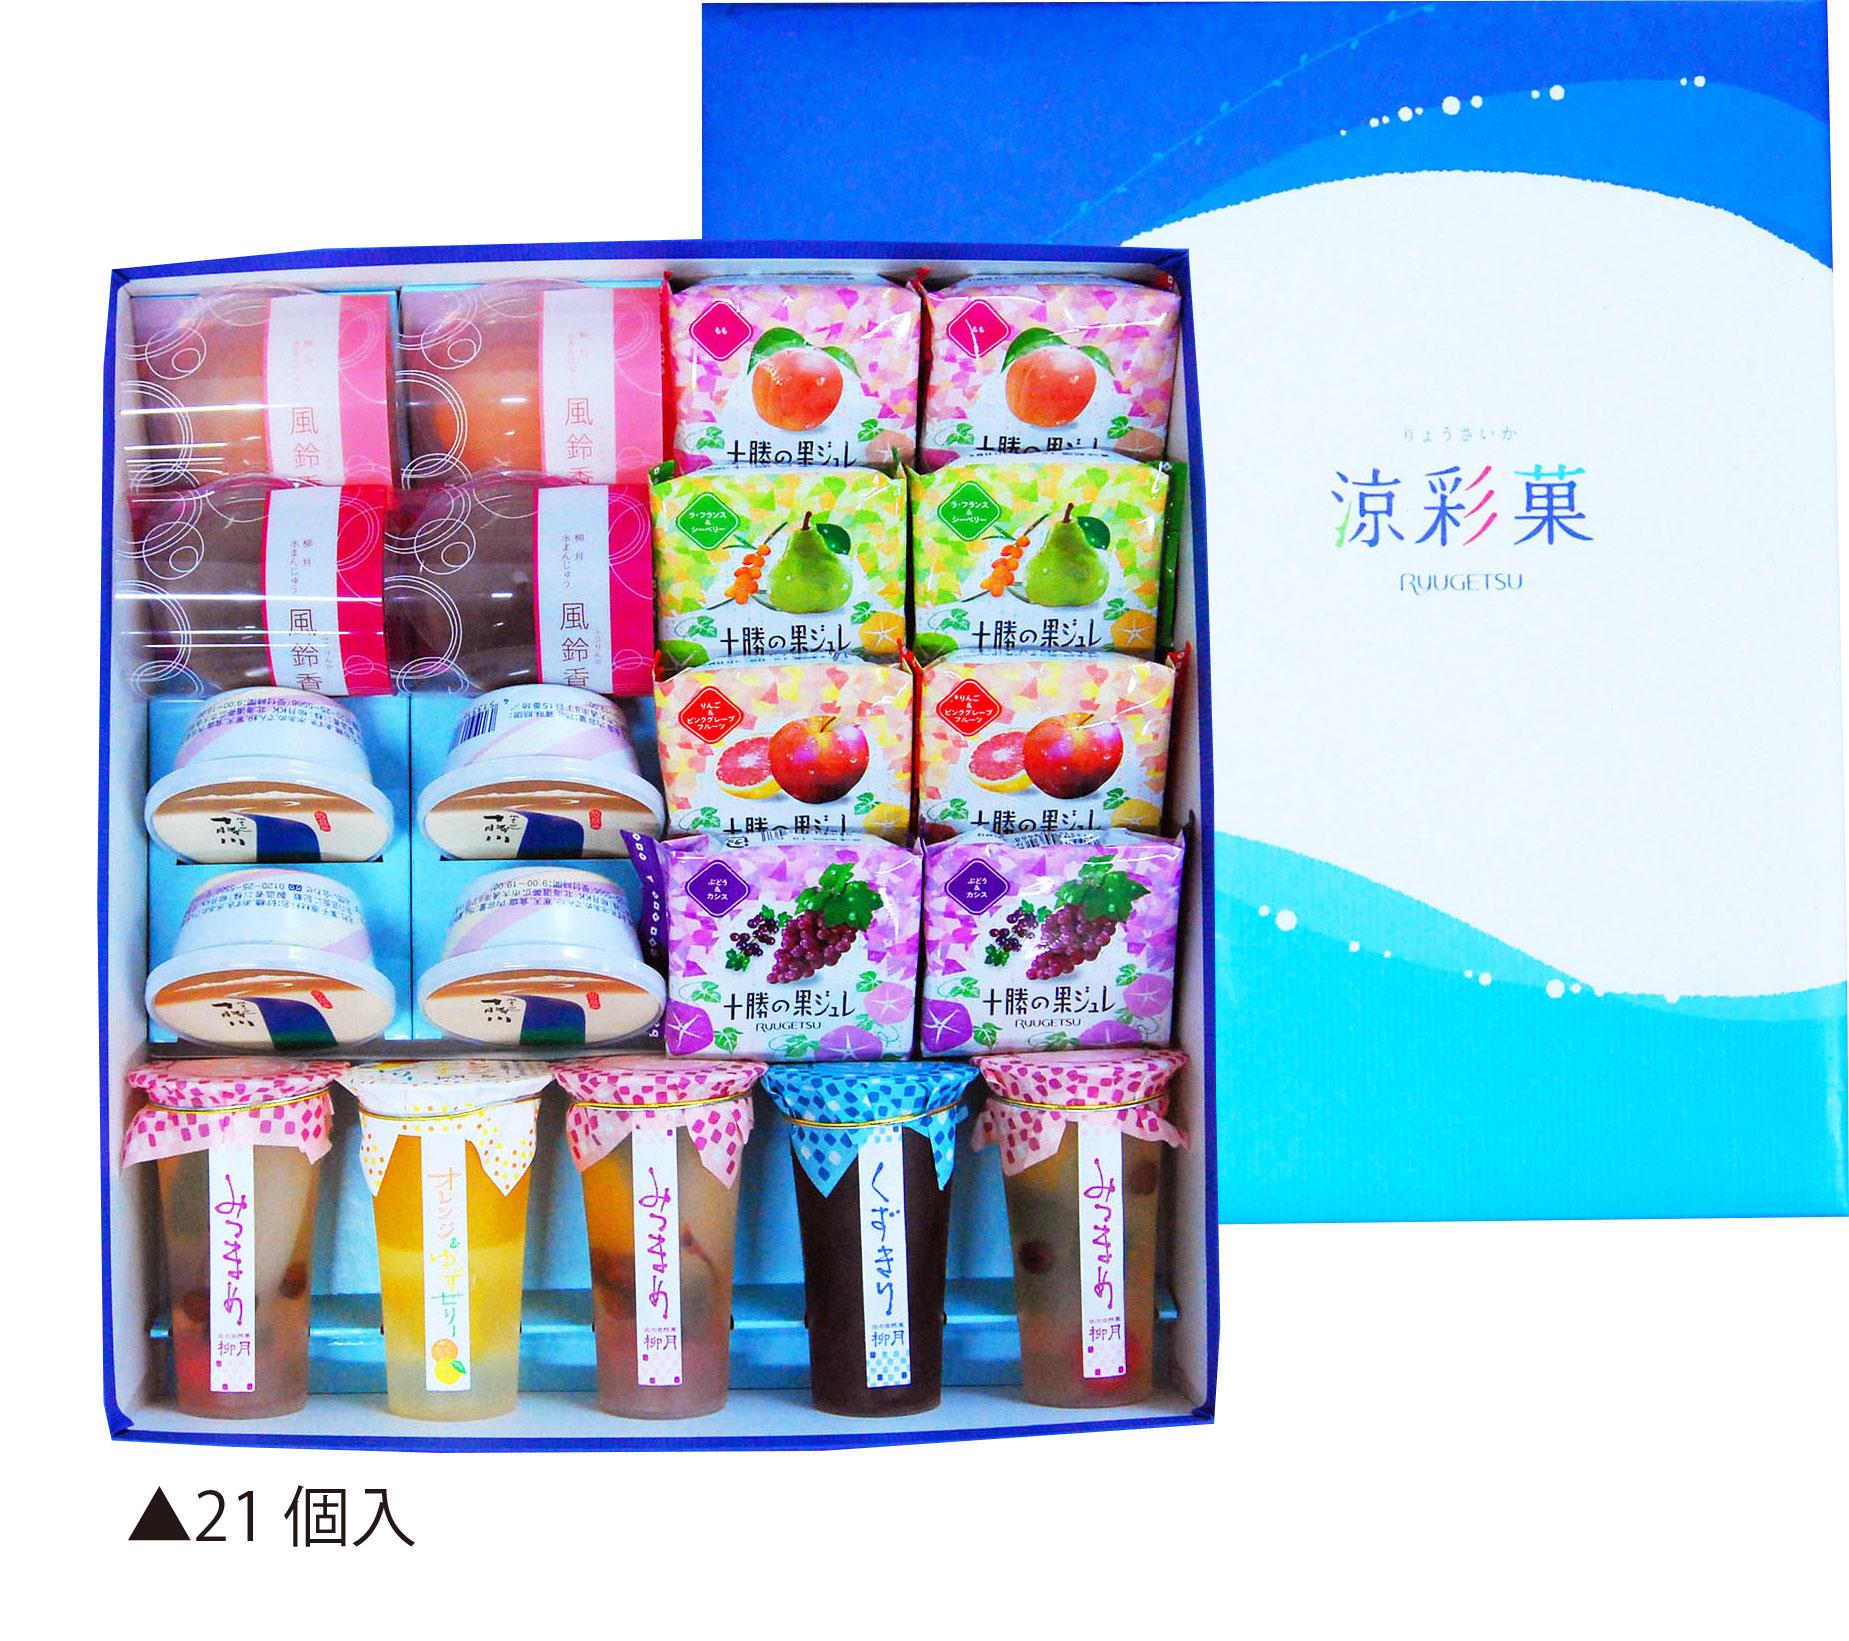 涼彩菓 -彩り- 21個入